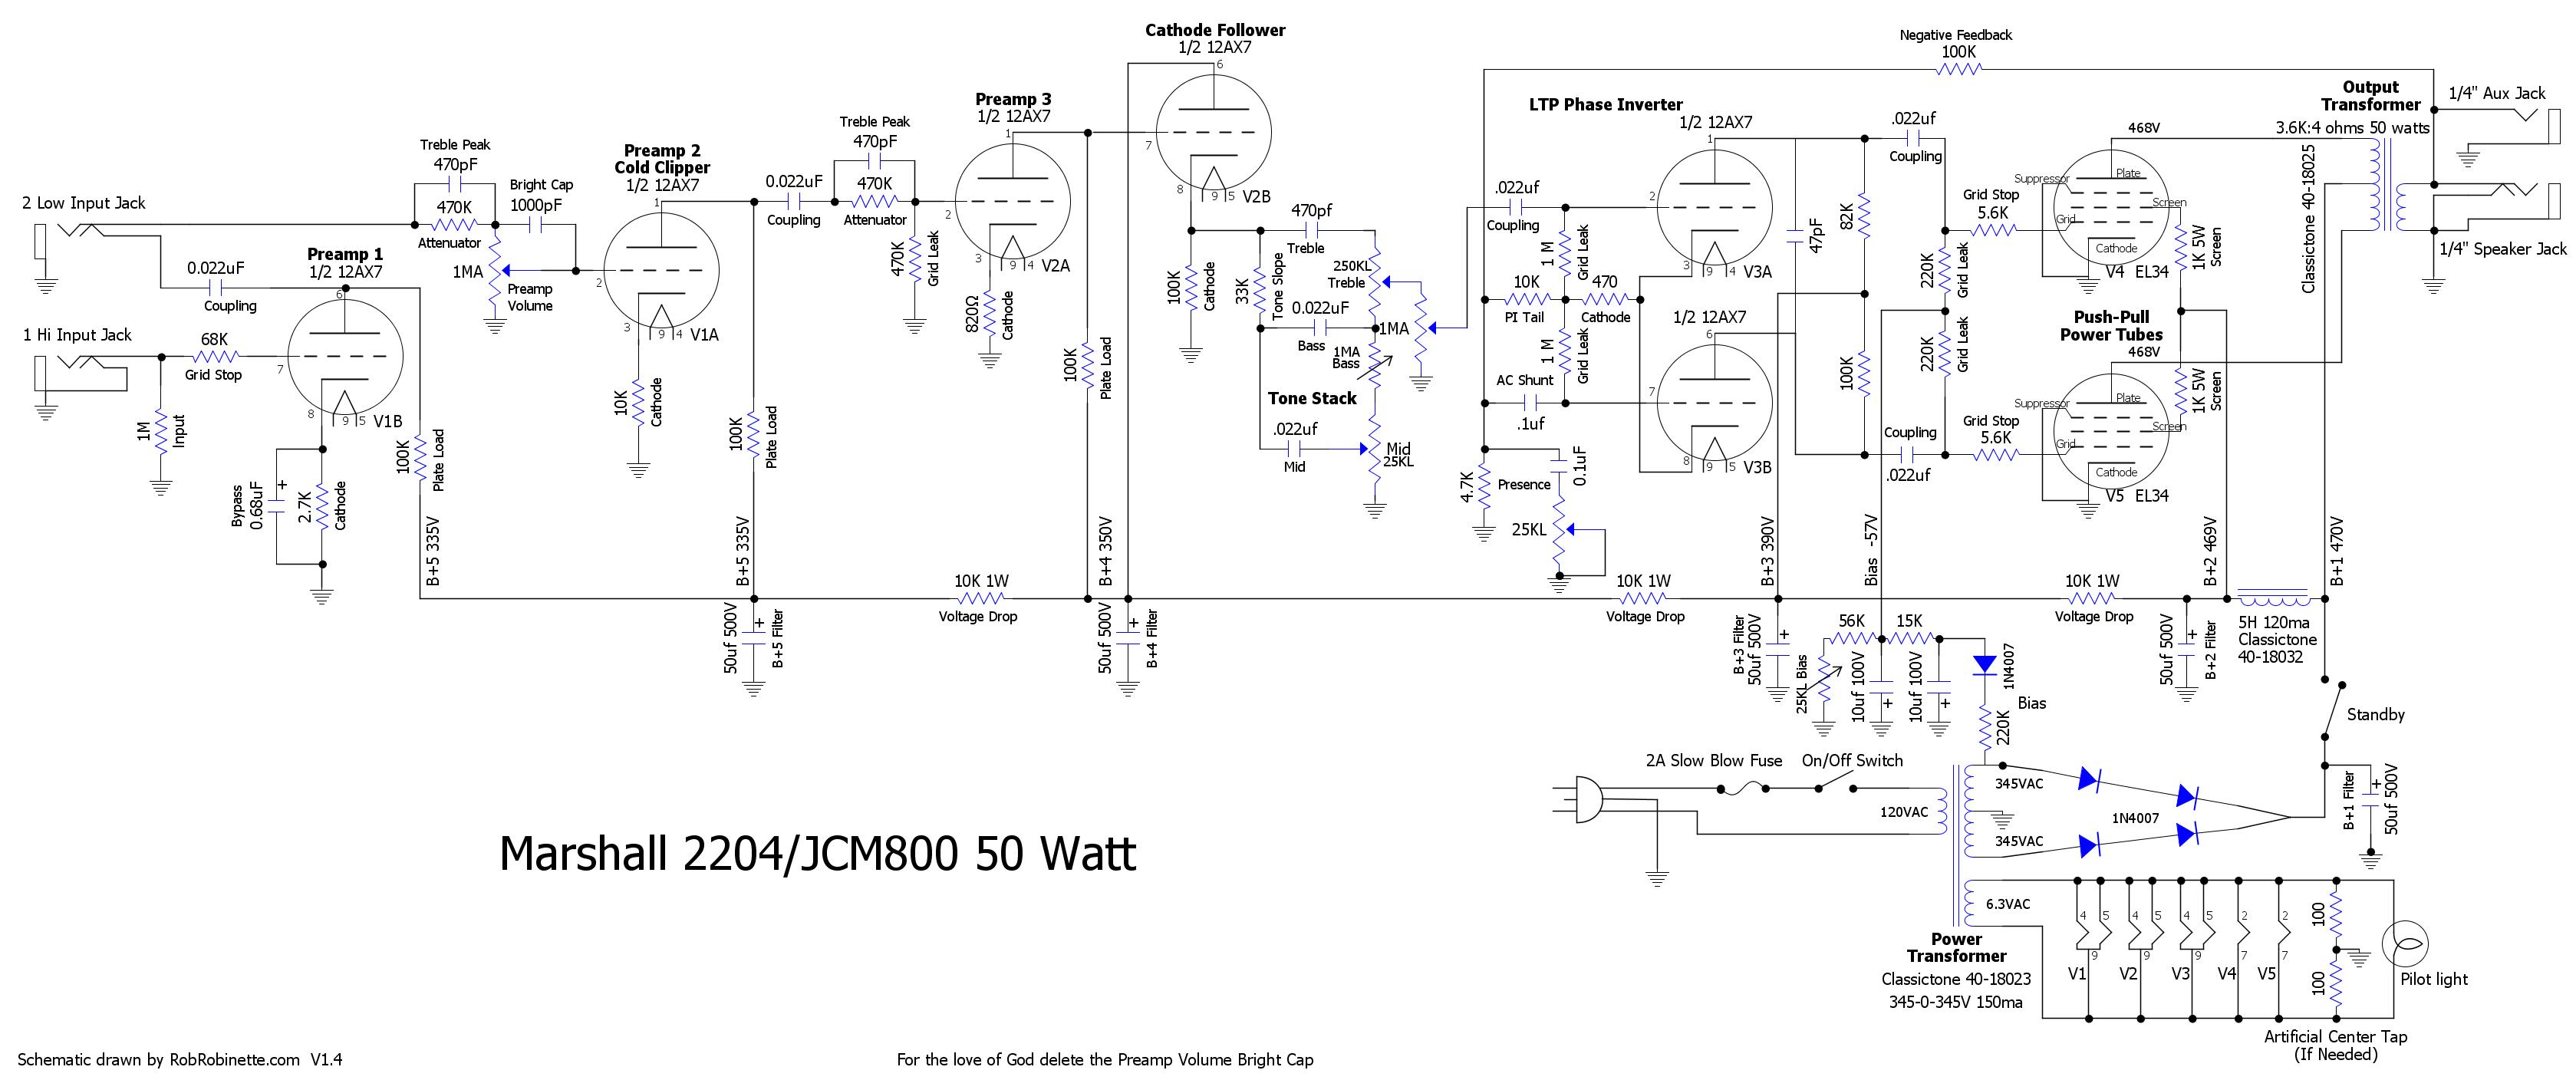 JCM800_Schematic_DIYLC Jcm Schematic on chandler tube driver schematic, pignose schematic, marshall schematic, 12ax7 overdrive schematic, jmp 50 schematic, ocd schematic, guitar schematic, rickenbacker 4003 schematic, bsiab schematic, hiwatt schematic, laney vc30 schematic, speaker schematic, champ schematic, ac30 schematic, jtm45 schematic, orange rockerverb schematic, orange th30 schematic, silver tone 1483 schematic, vox schematic,